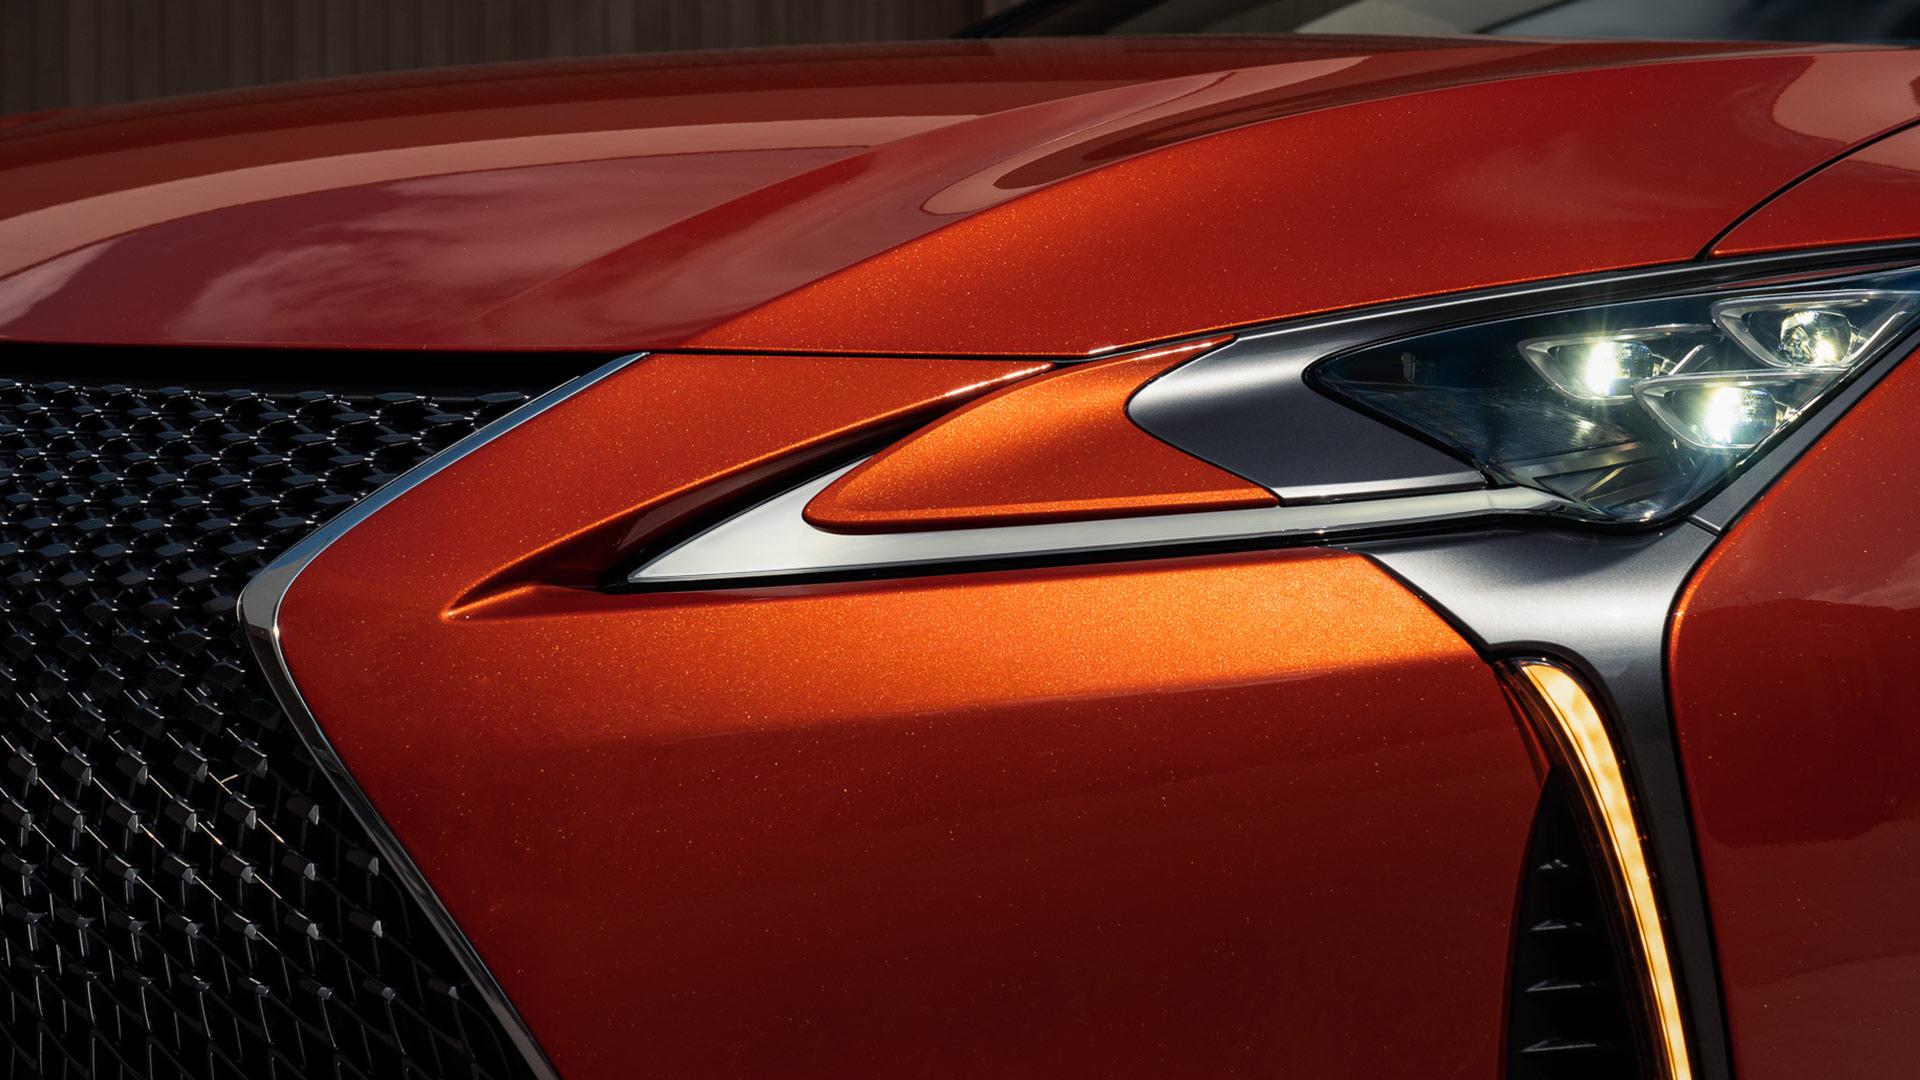 Lexus LC Sunsetorange